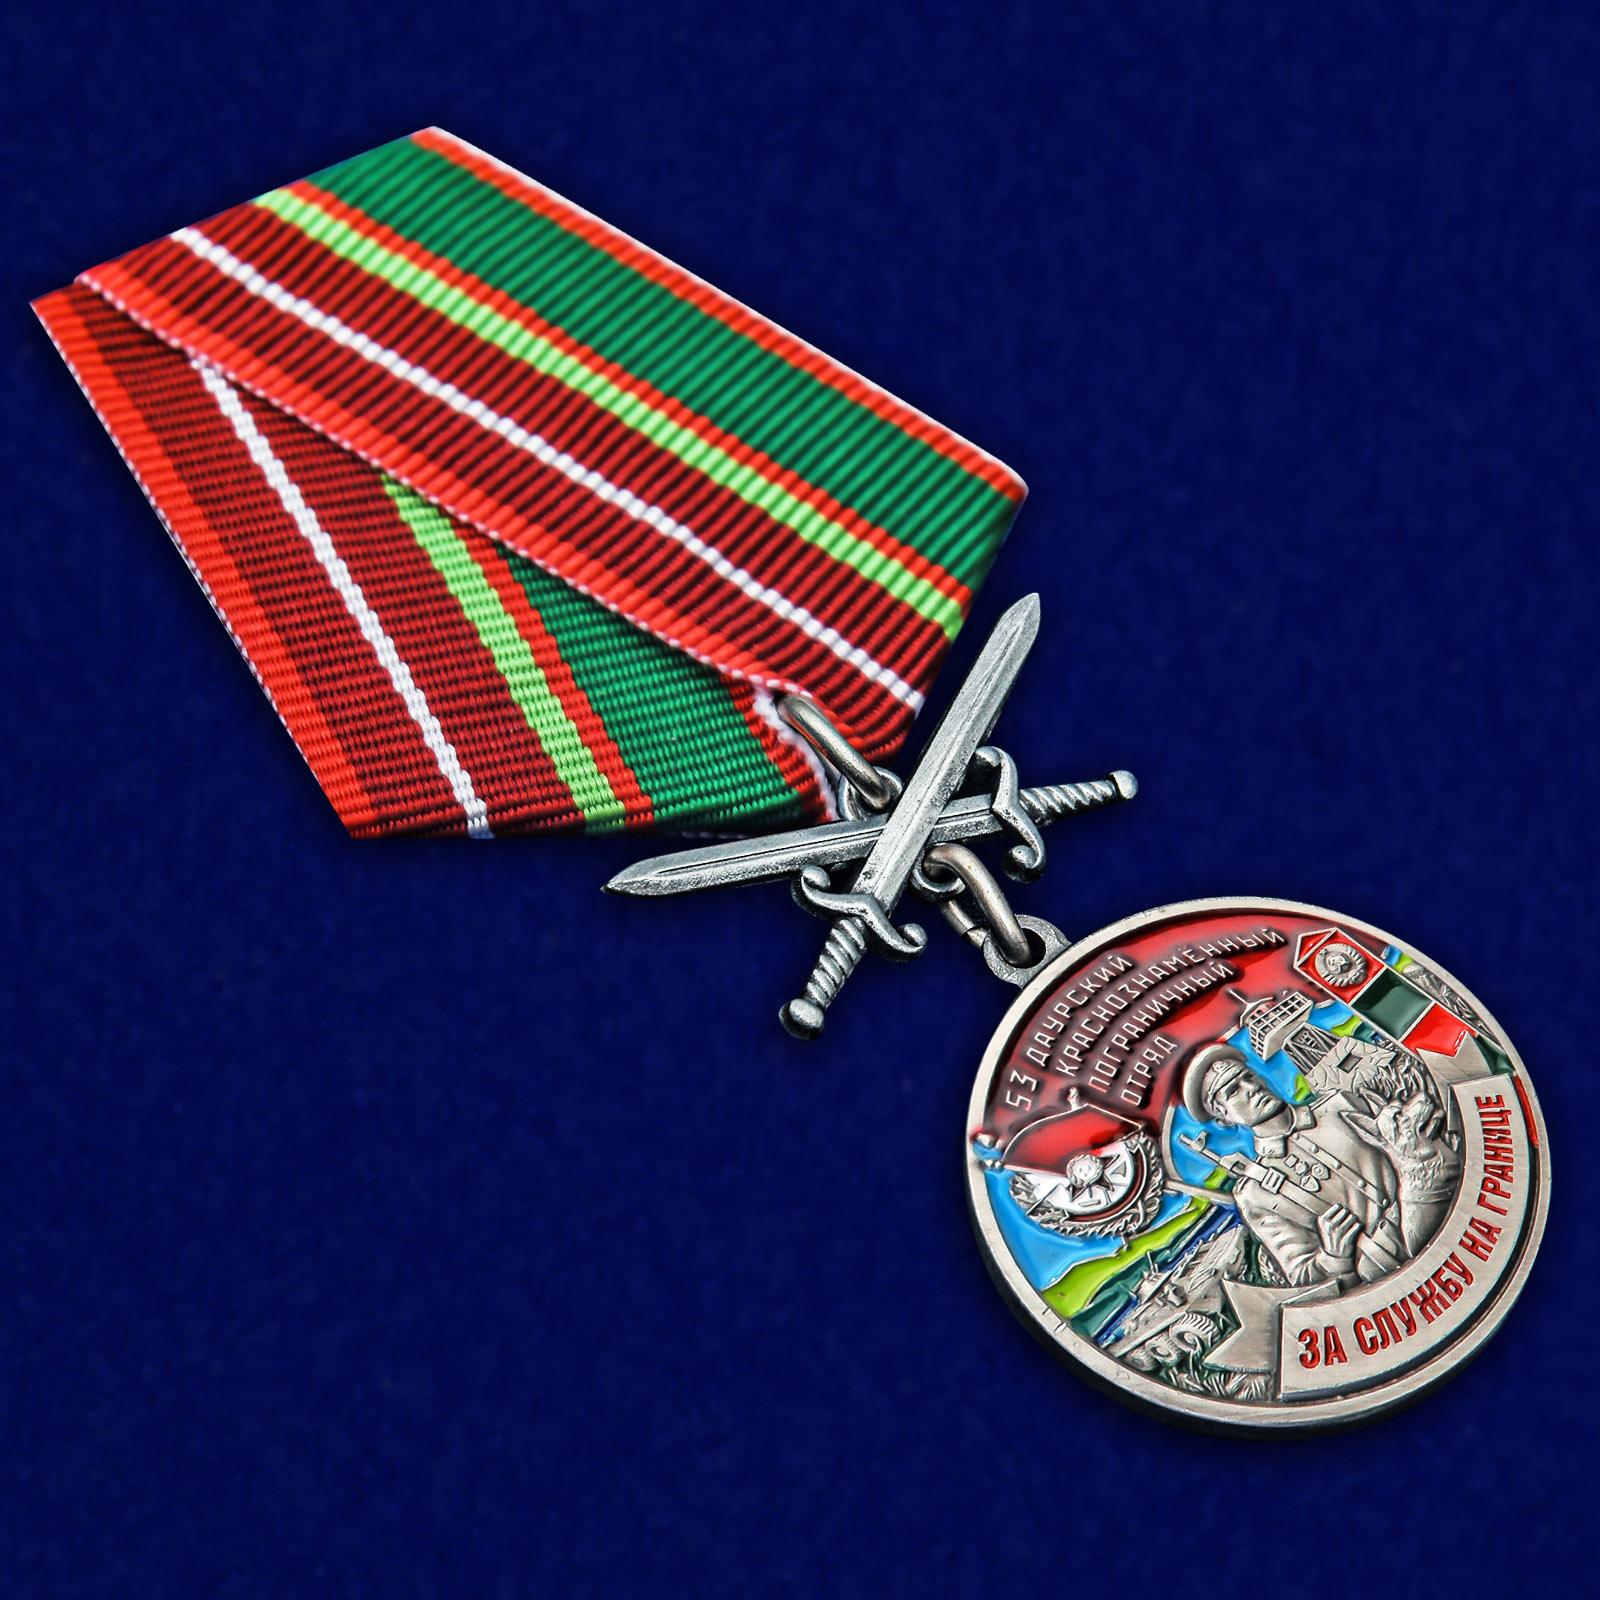 """Купить медаль """"За службу в Даурском пограничном отряде"""""""